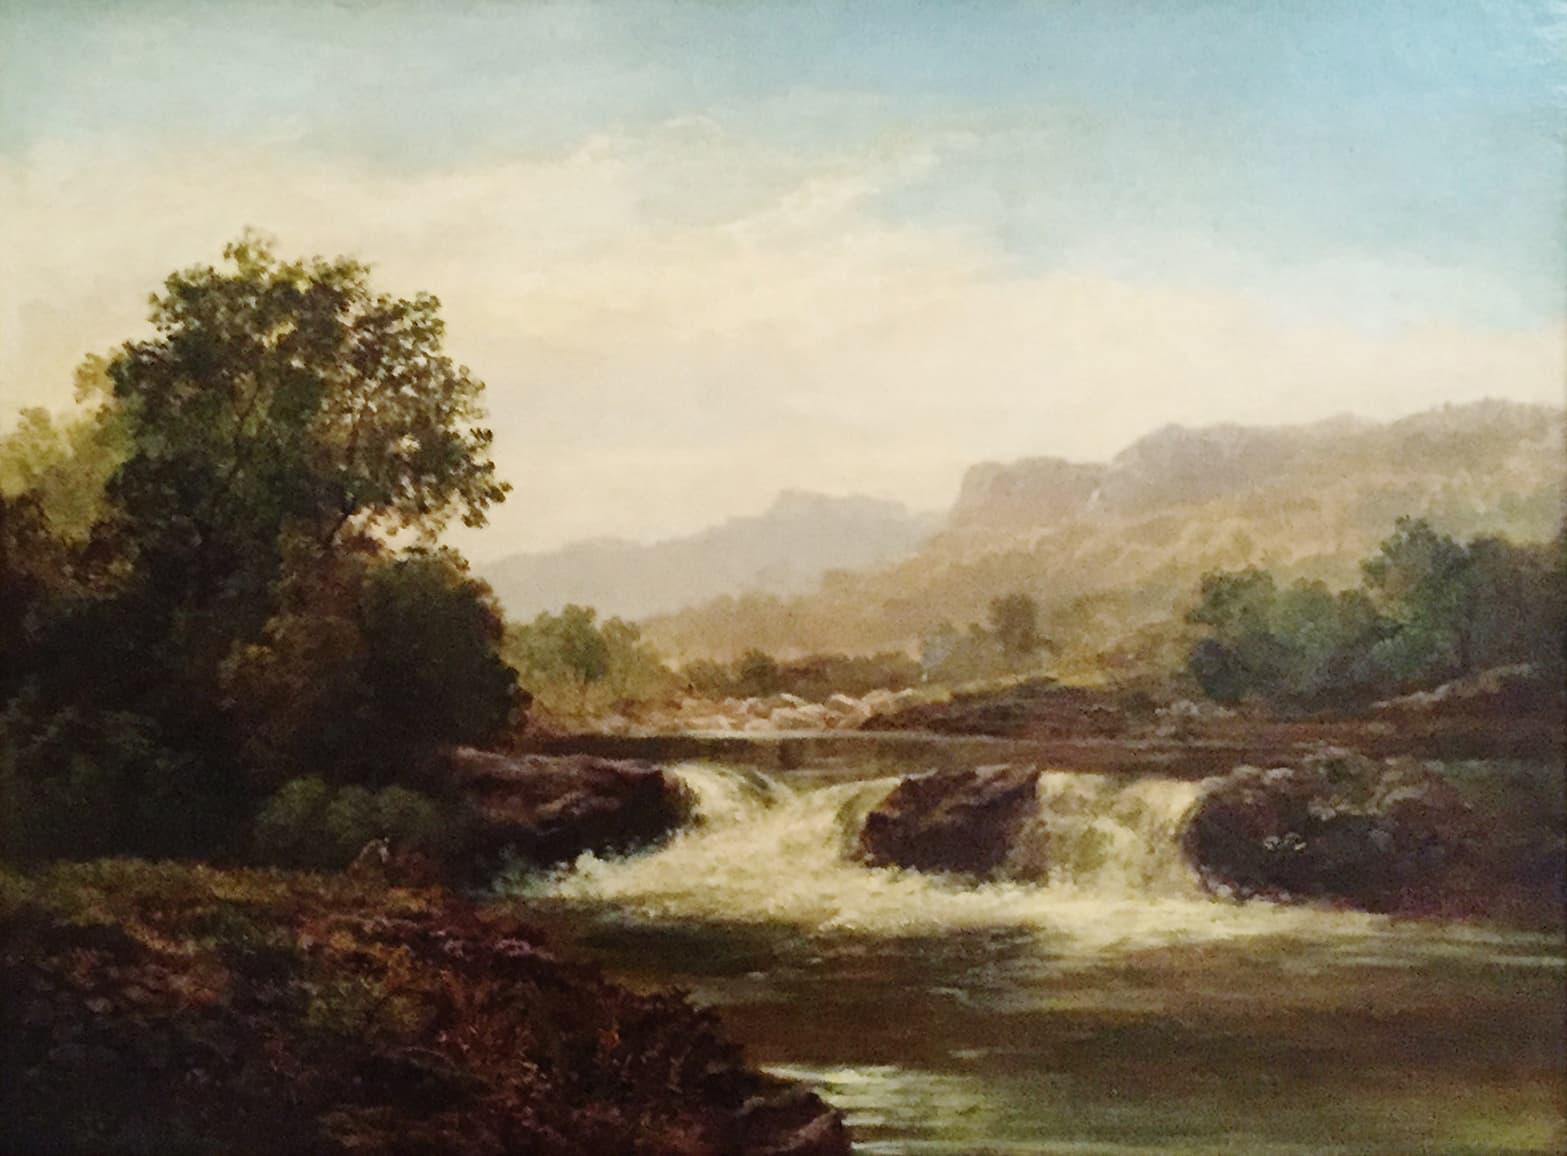 Robert Scott Duncanson, Untitled (Rushing river downstream), c. 1852